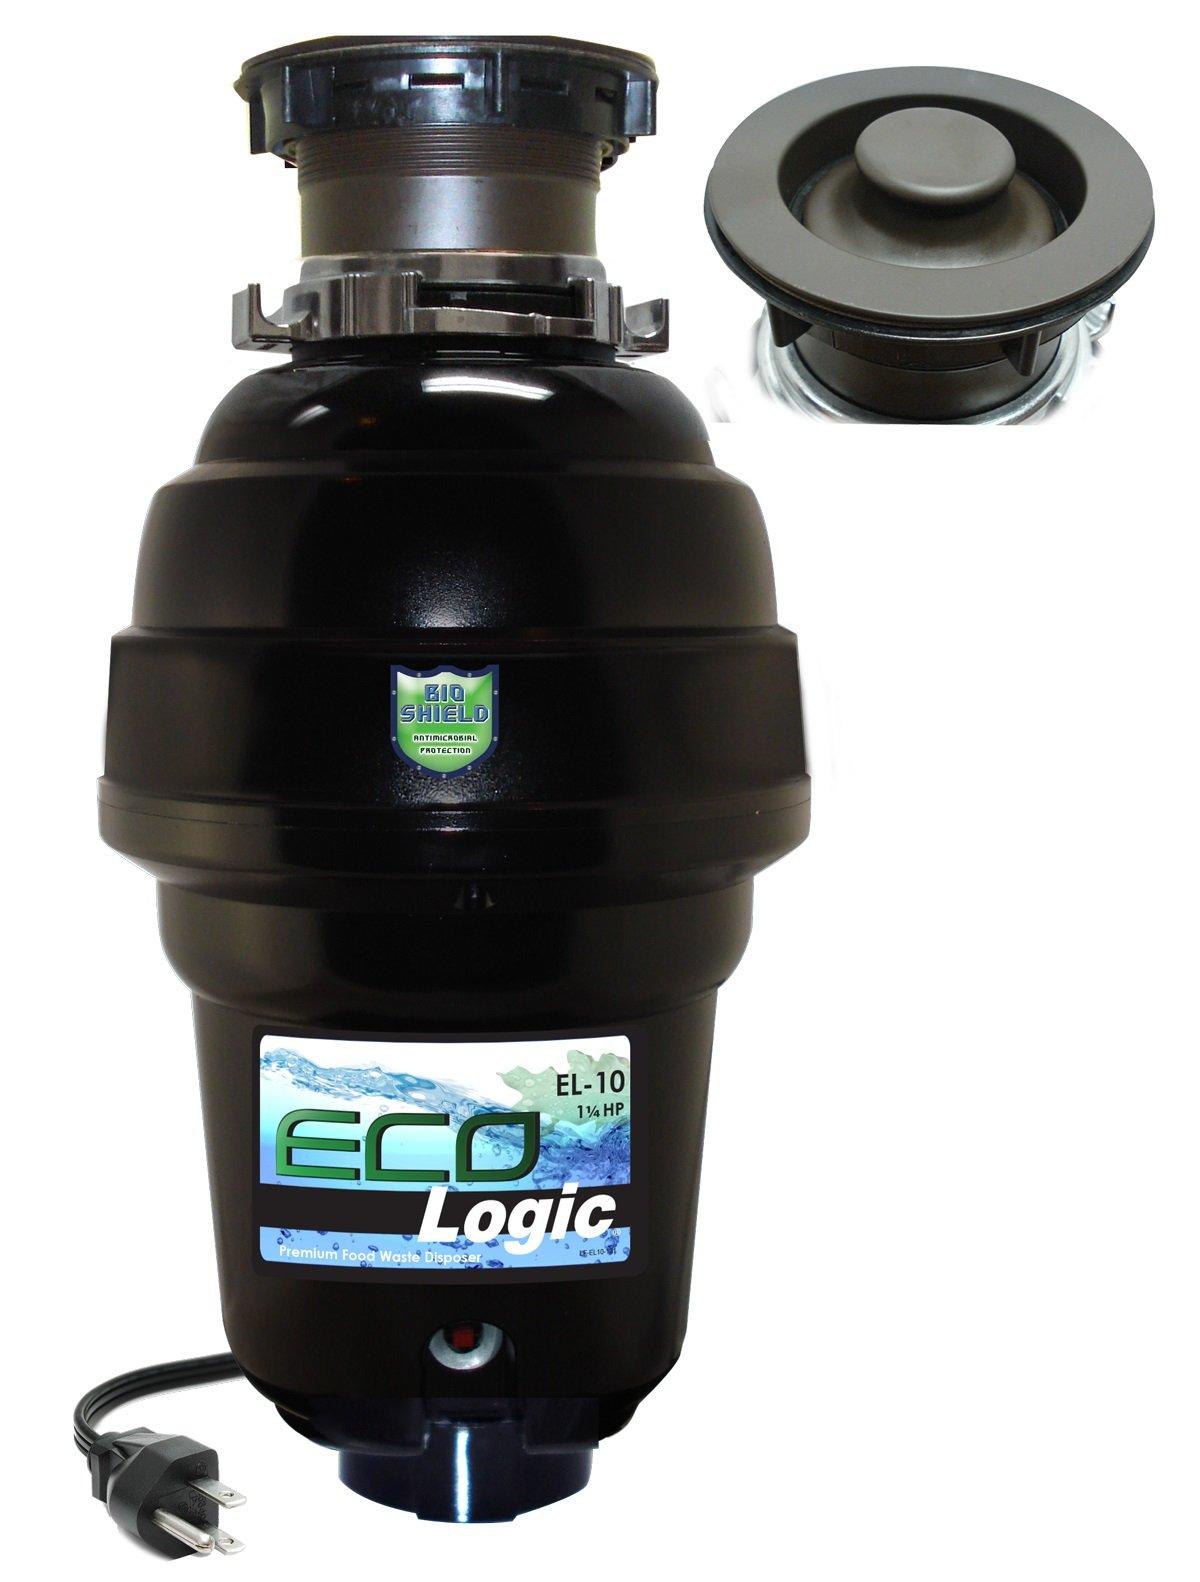 Eco Logic EL-10-DS-OR 10 Designer Series Food Waste Disposer with Oil Rubbed Bronze Sink Flange, 1-1/4 HP